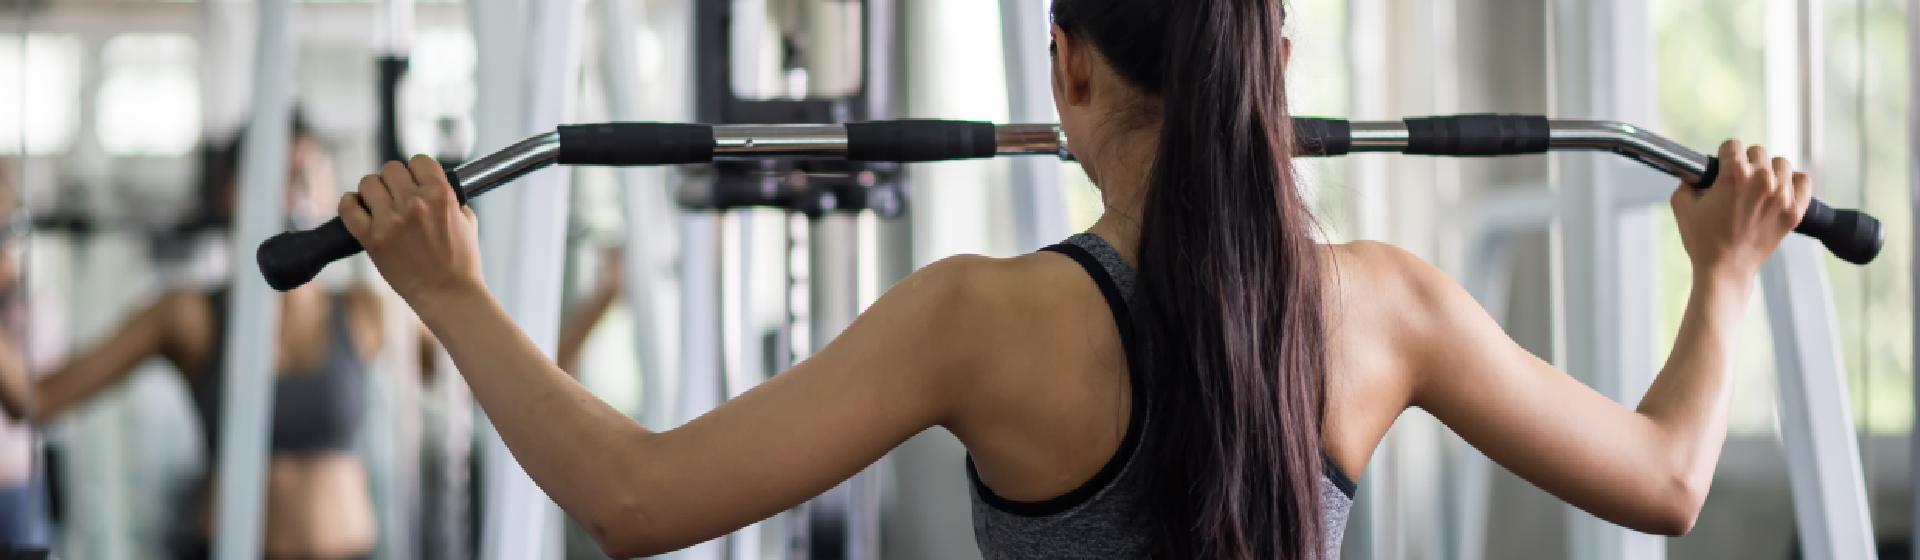 Estação de musculação: 10 melhores opções para uso residencial